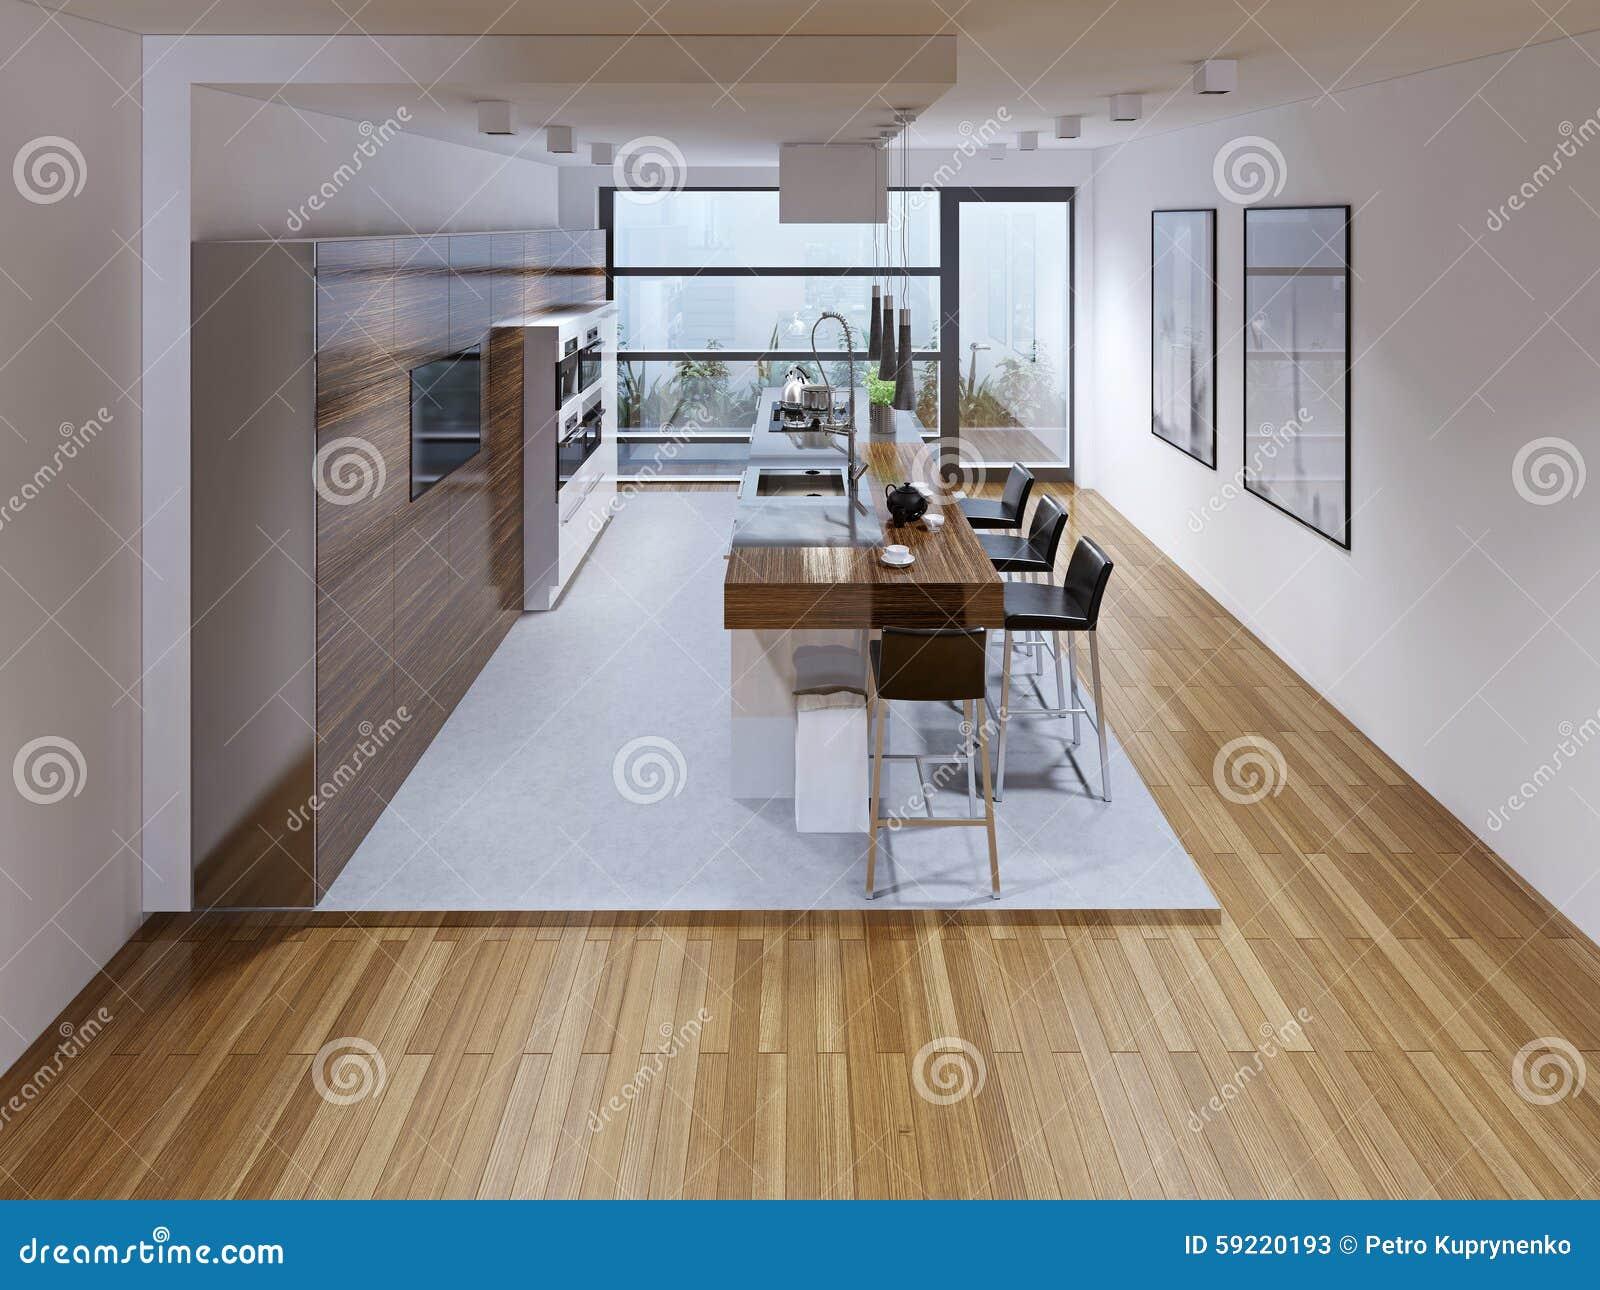 Design Fußboden Für Küche ~ Design einer modernen küche mit insel stockbild bild von